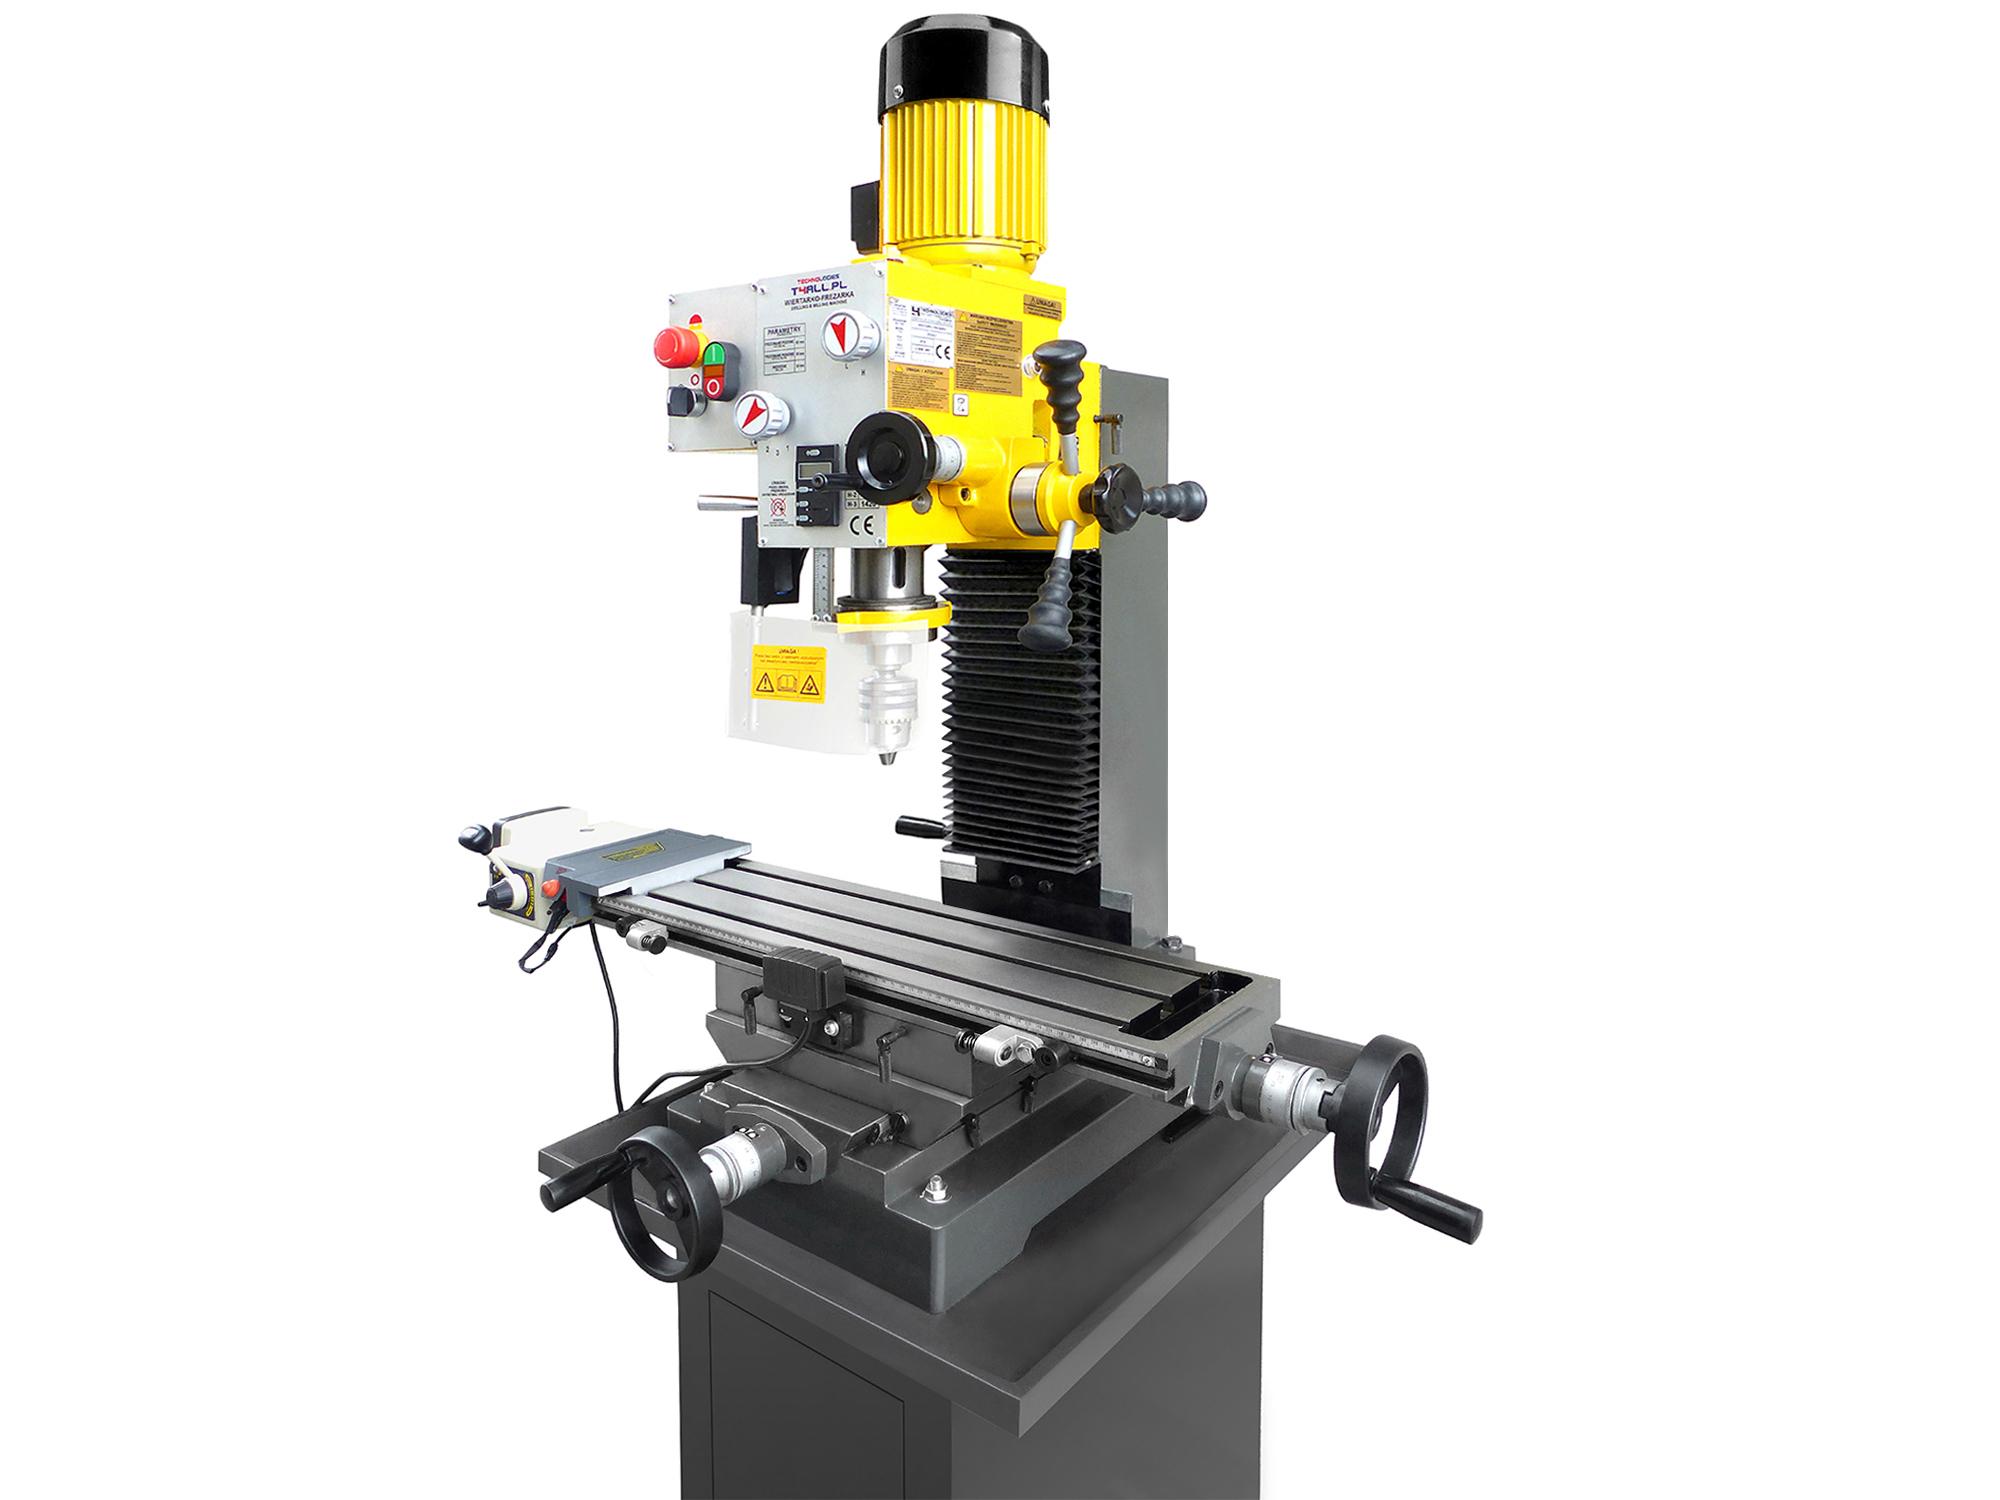 Vŕtací stĺpový frézovací stroj FI-32/63 MK3 LCD FV